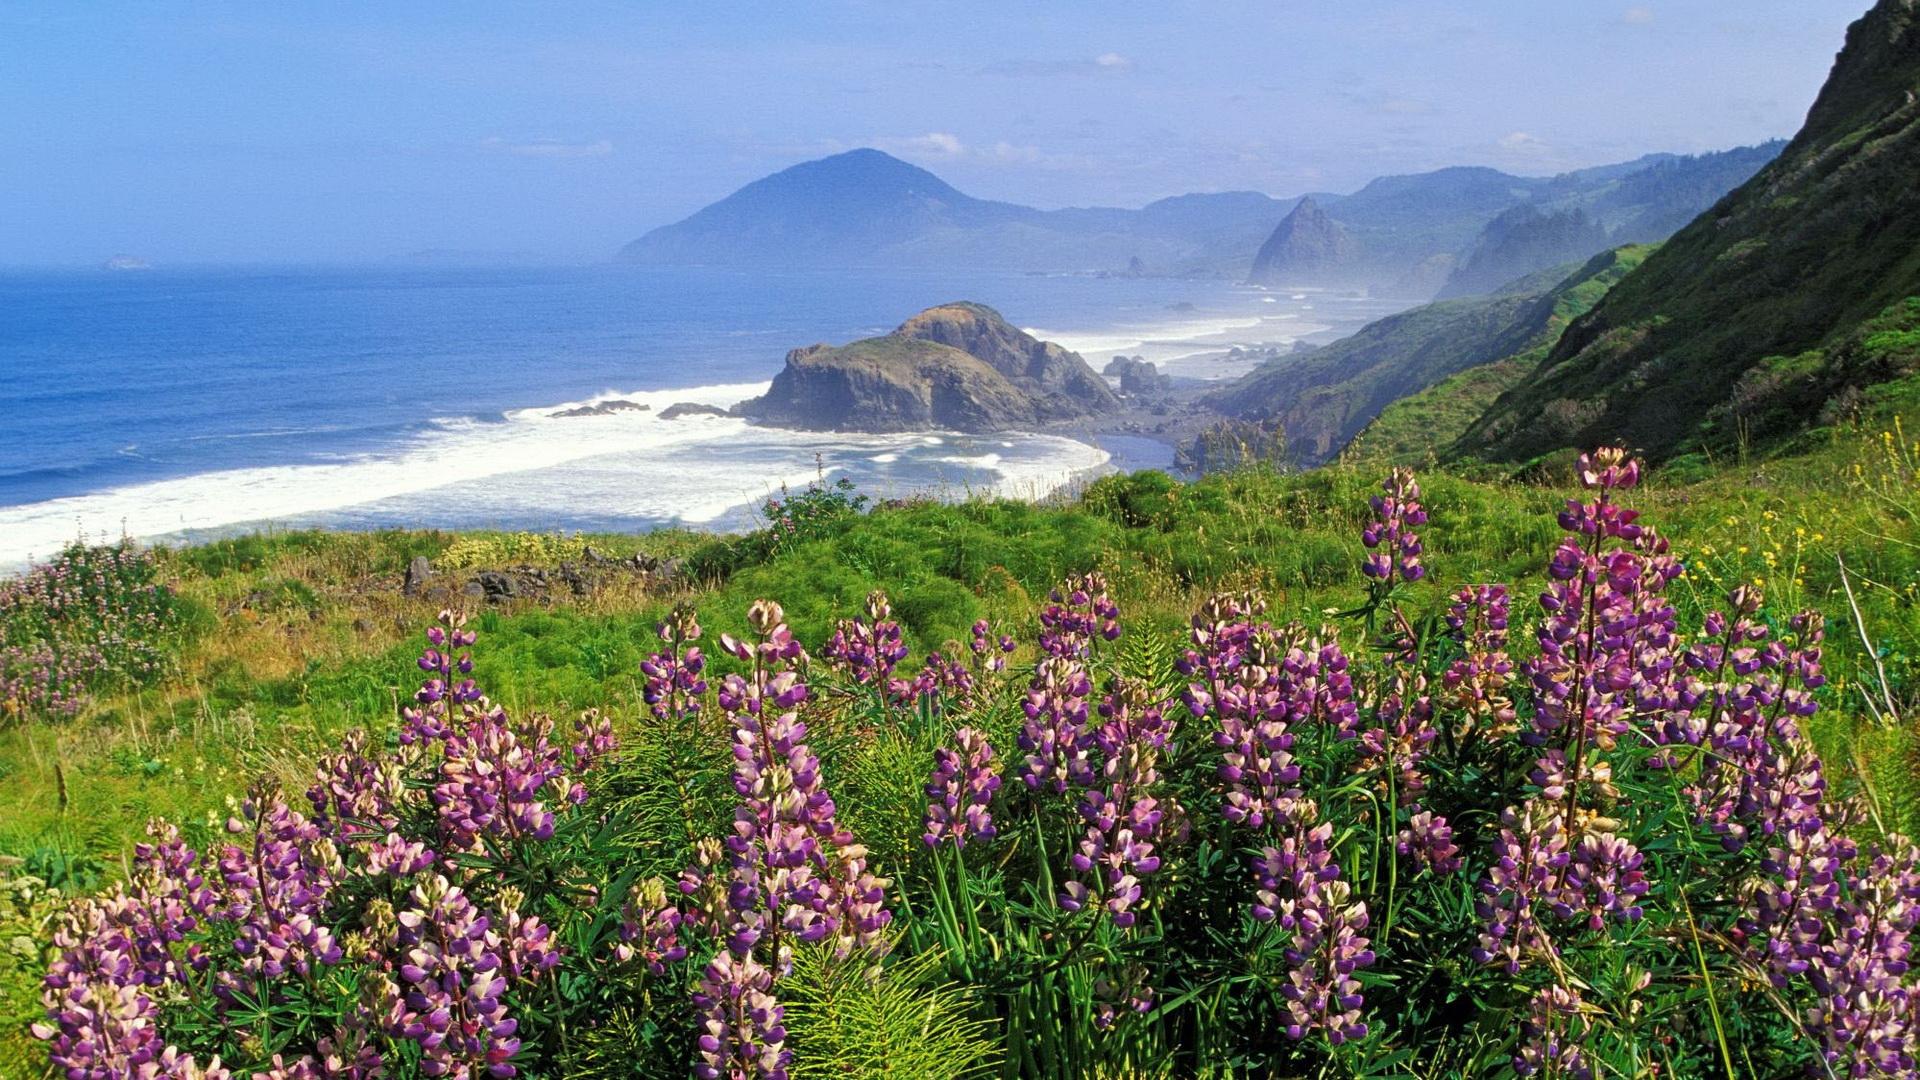 wallpaper   landscape  mountains  sea  flowers  bay  sky